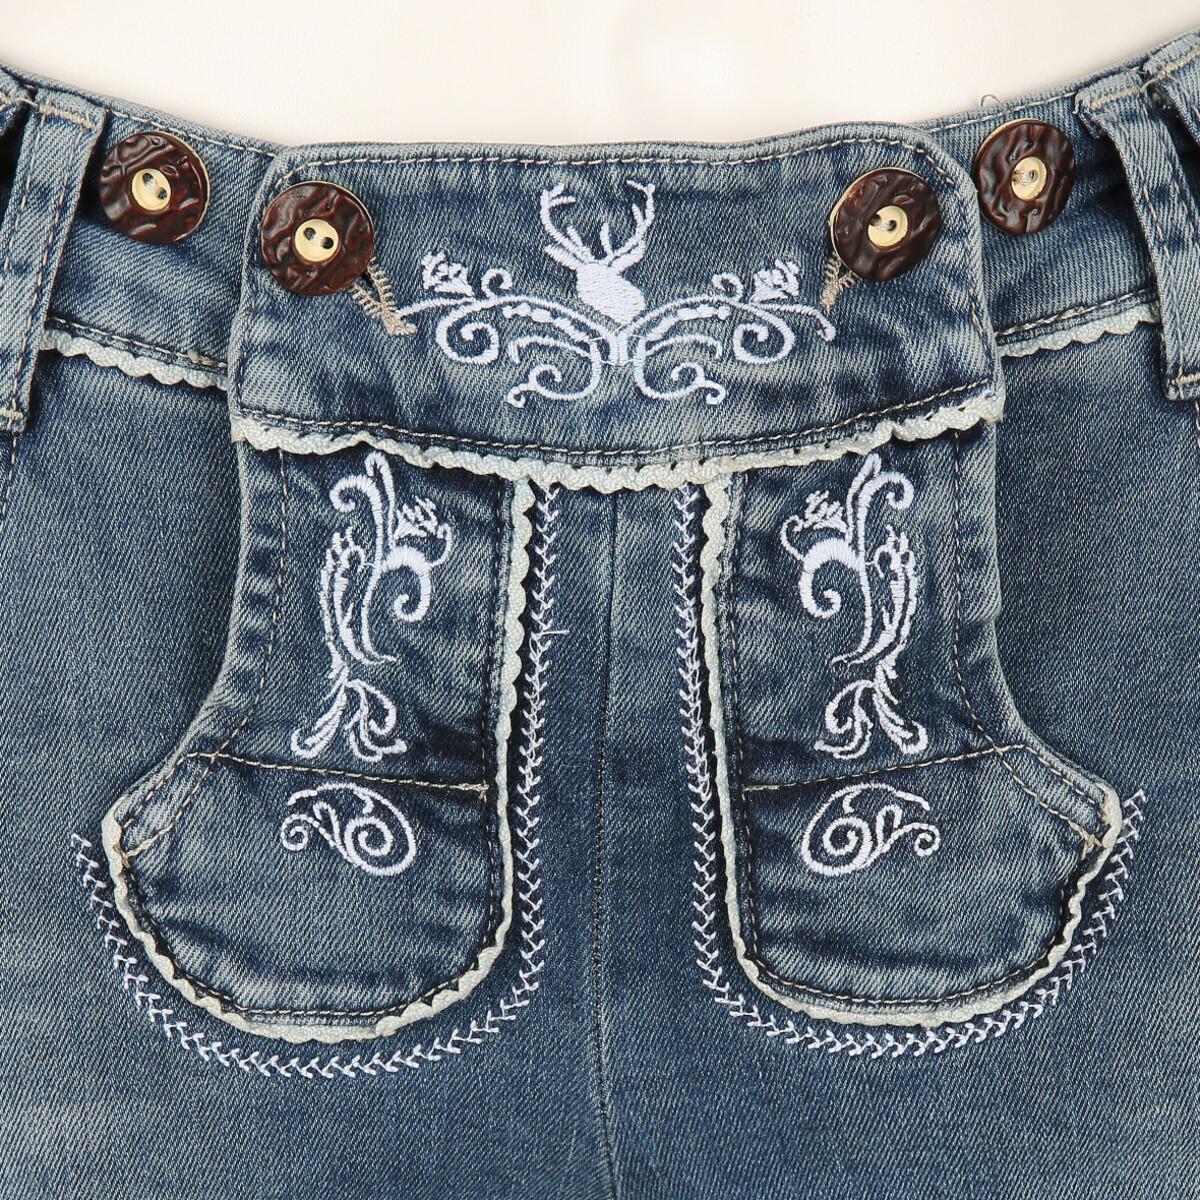 Bild 3 von Damen Jeans im Trachtenlook